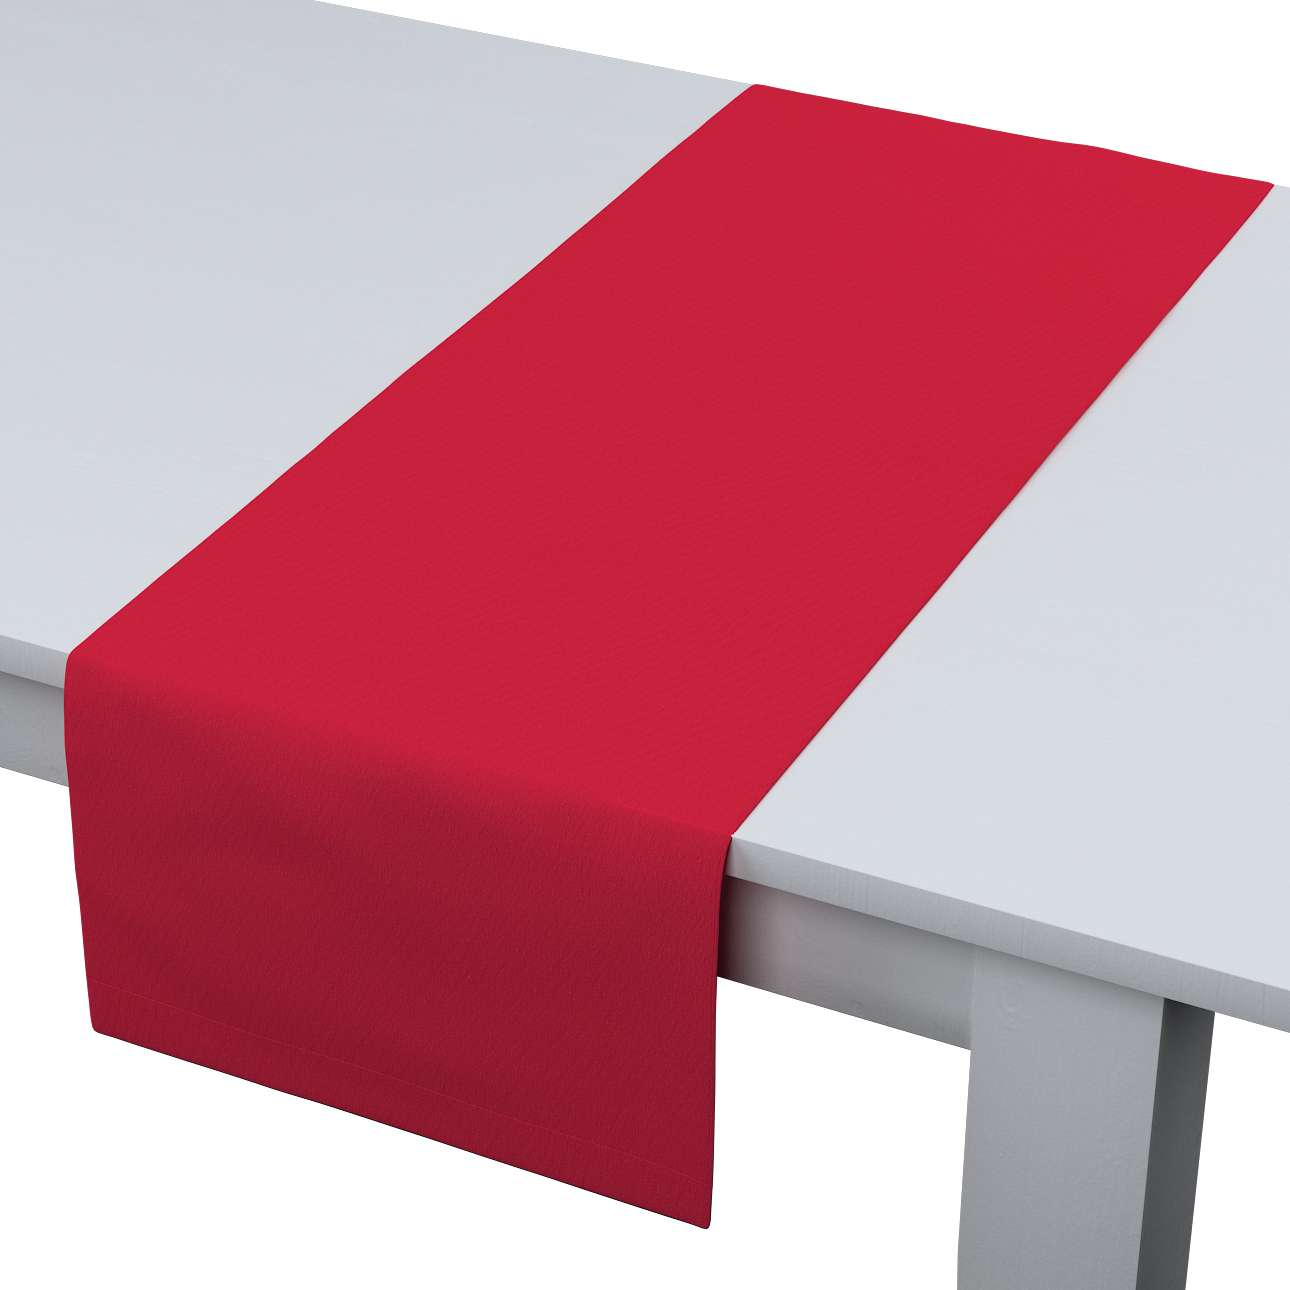 Rechteckiger Tischläufer 40 x 130 cm von der Kollektion Quadro, Stoff: 136-19